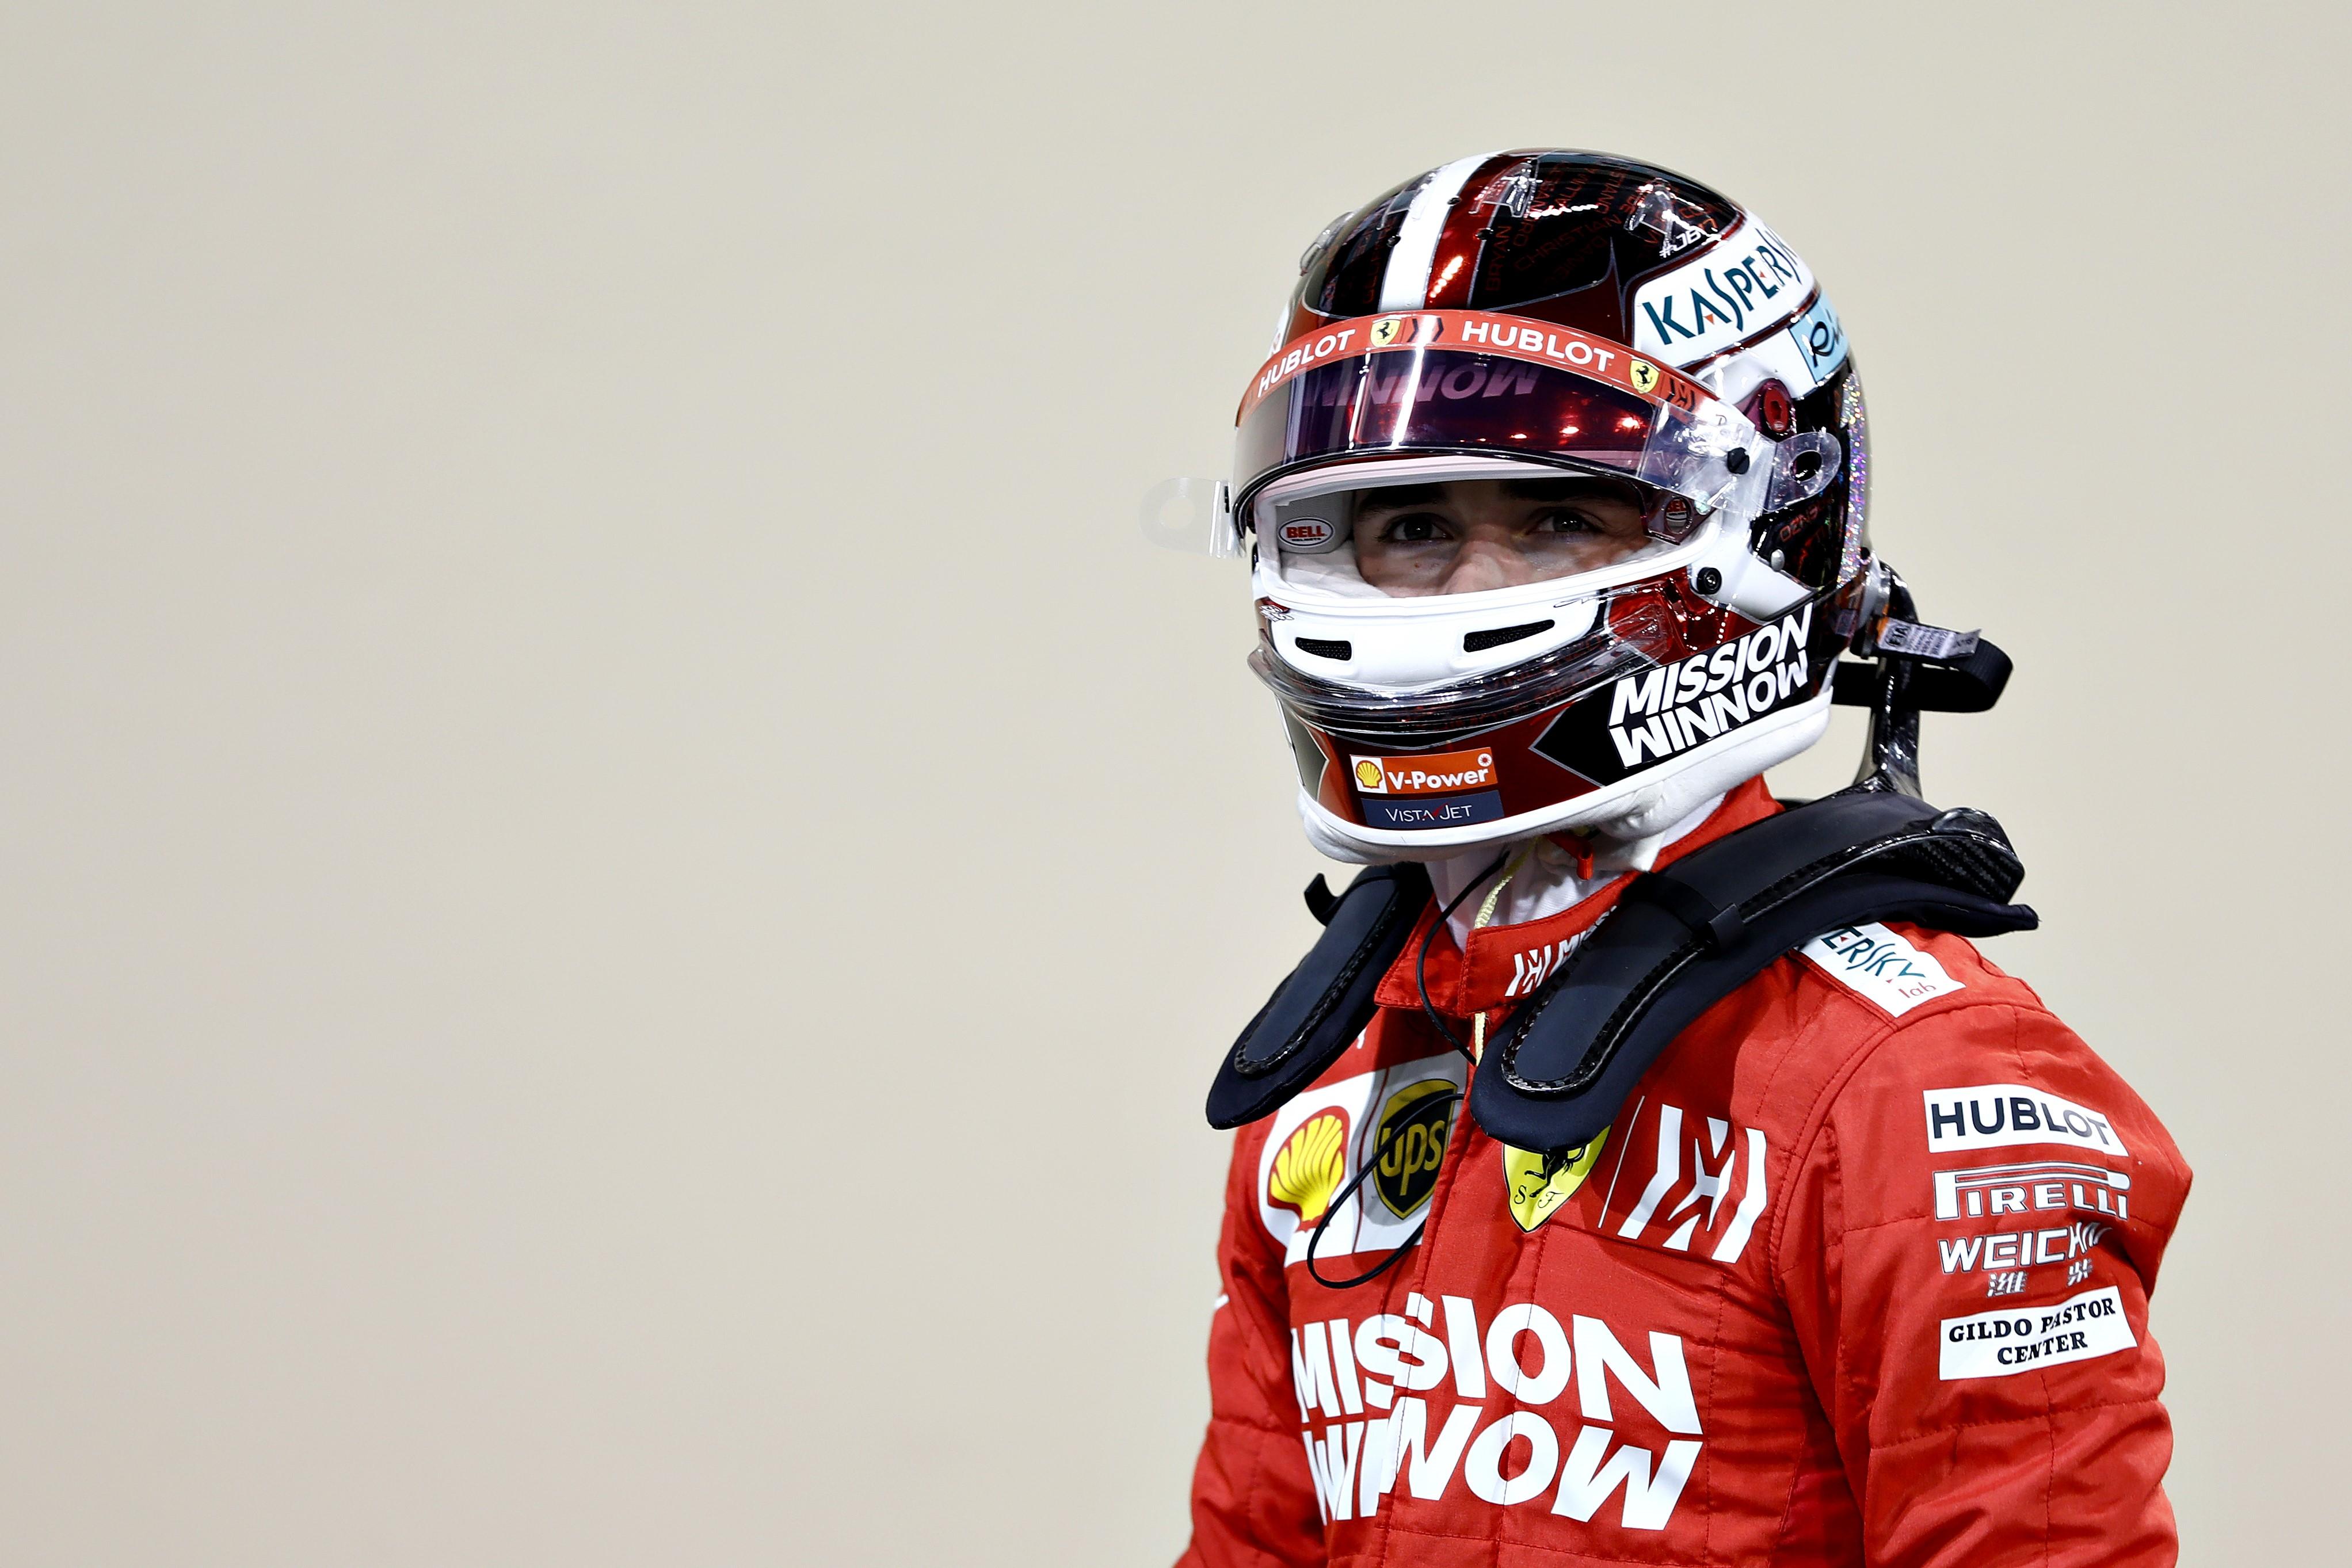 Charles Leclerc (Ferrari) au Grand Prix d'Abou Dabi 2019